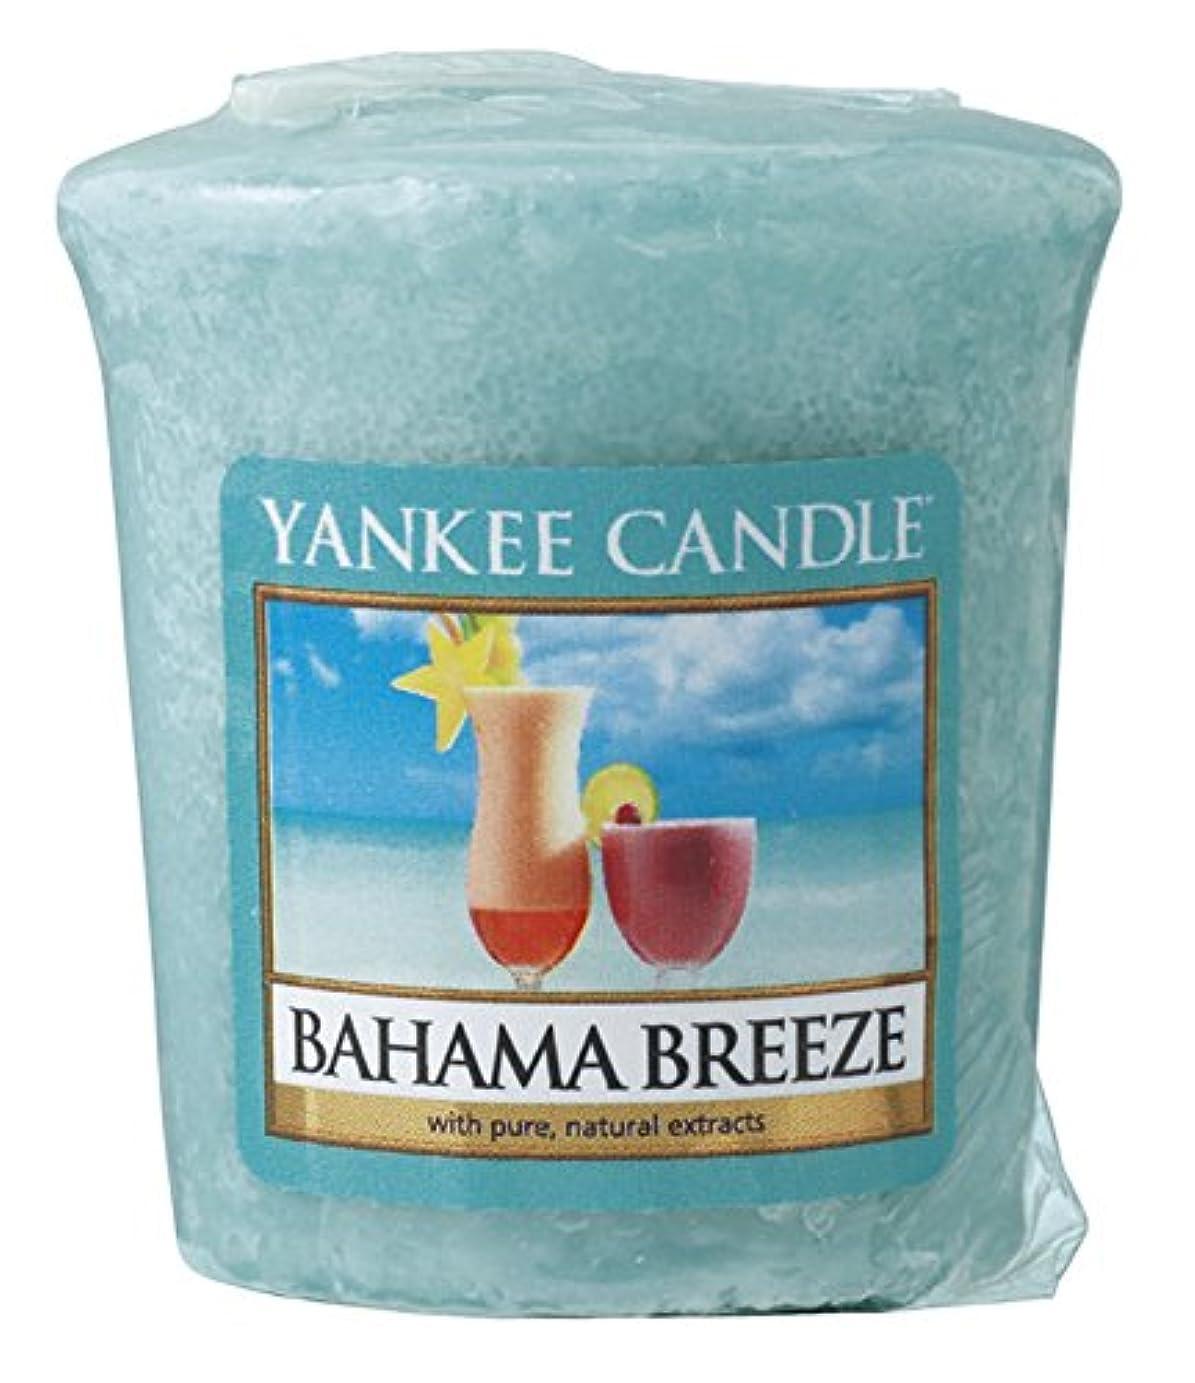 王女灰部分ヤンキーキャンドル サンプラー お試しサイズ バハマ 燃焼時間約15時間 YANKEECANDLE アメリカ製